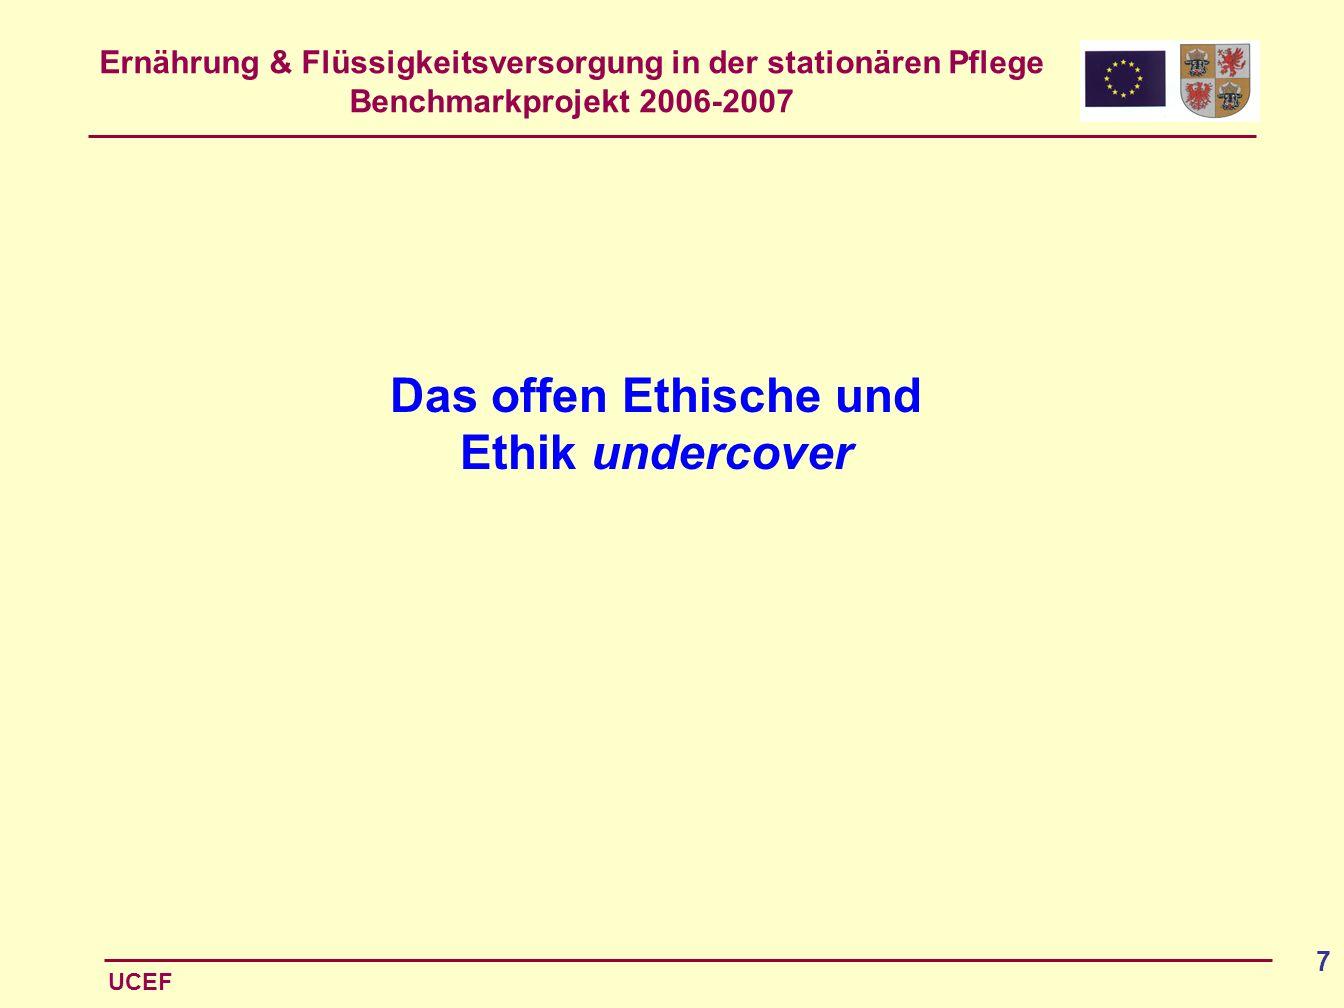 Ernährung & Flüssigkeitsversorgung in der stationären Pflege Benchmarkprojekt 2006-2007 UCEF 7 Das offen Ethische und Ethik undercover